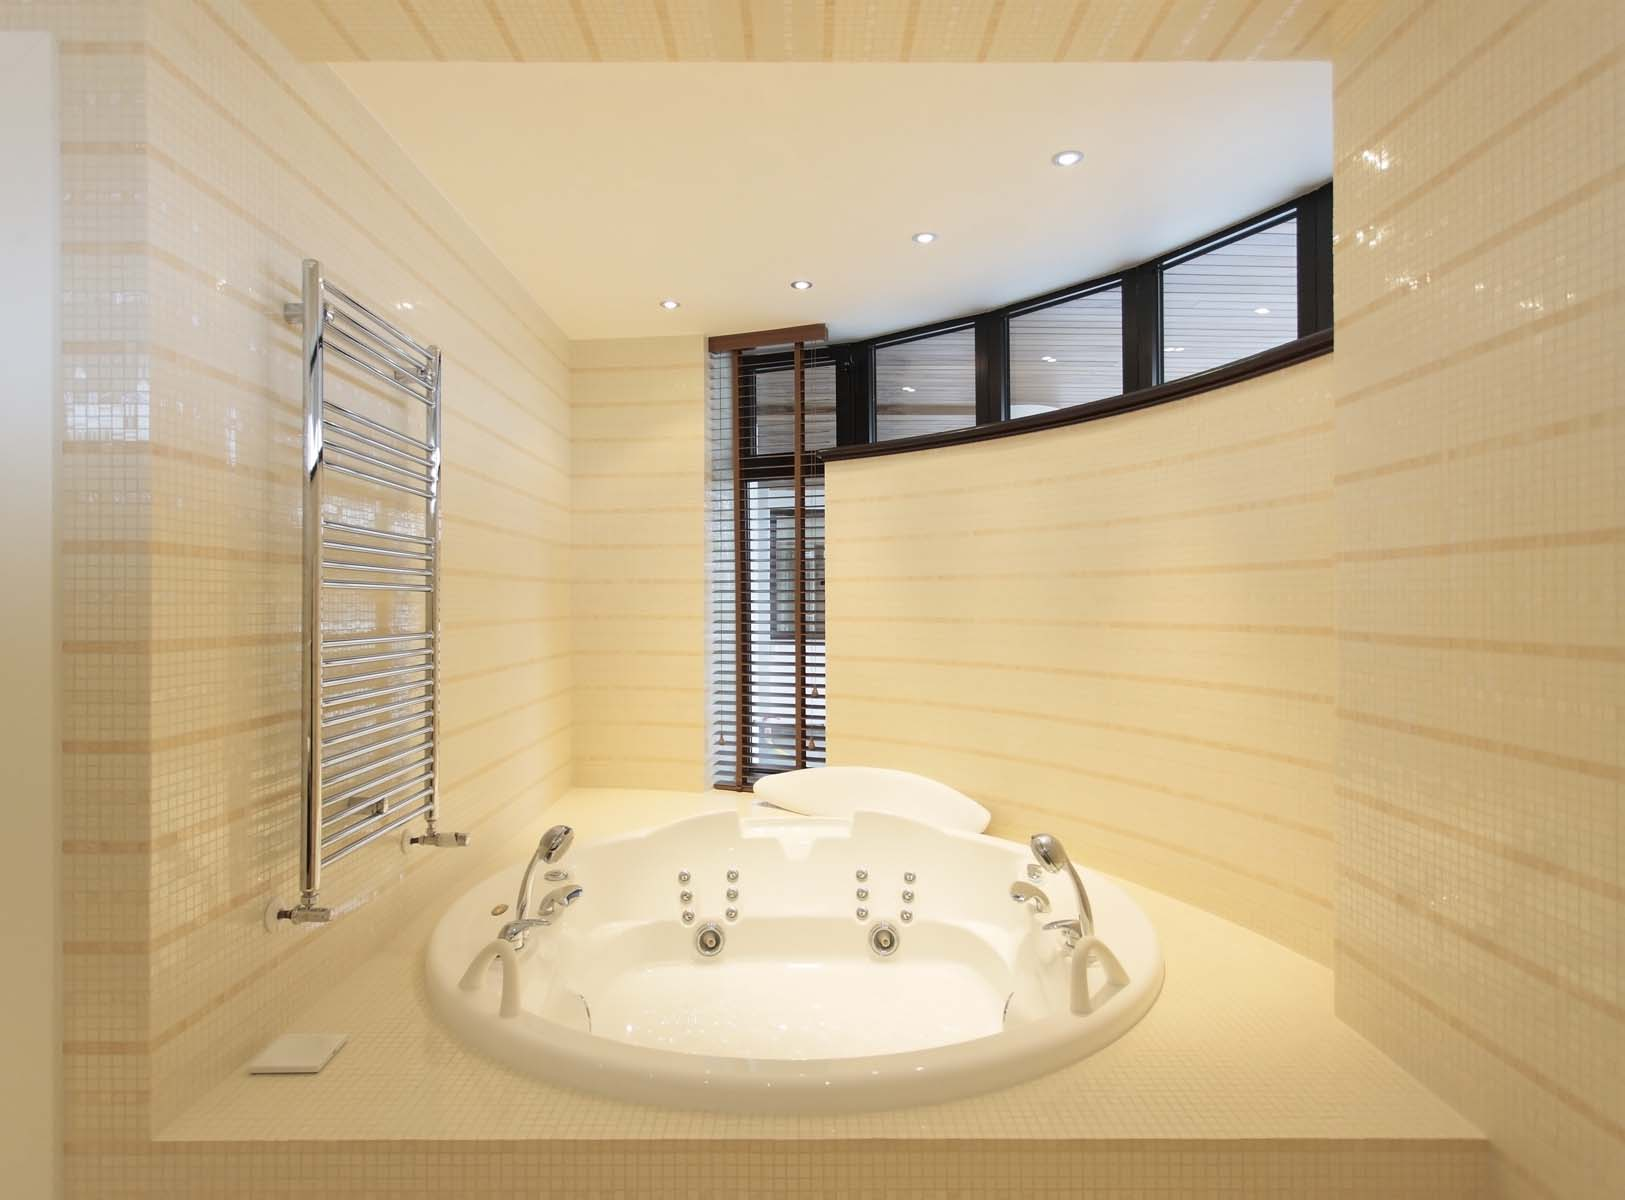 https://nbc-arhitect.ro/wp-content/uploads/2020/11/NBC-Arhitect-_-interior-design-_-Tudor-House-Interior-_-Romania_11.jpg